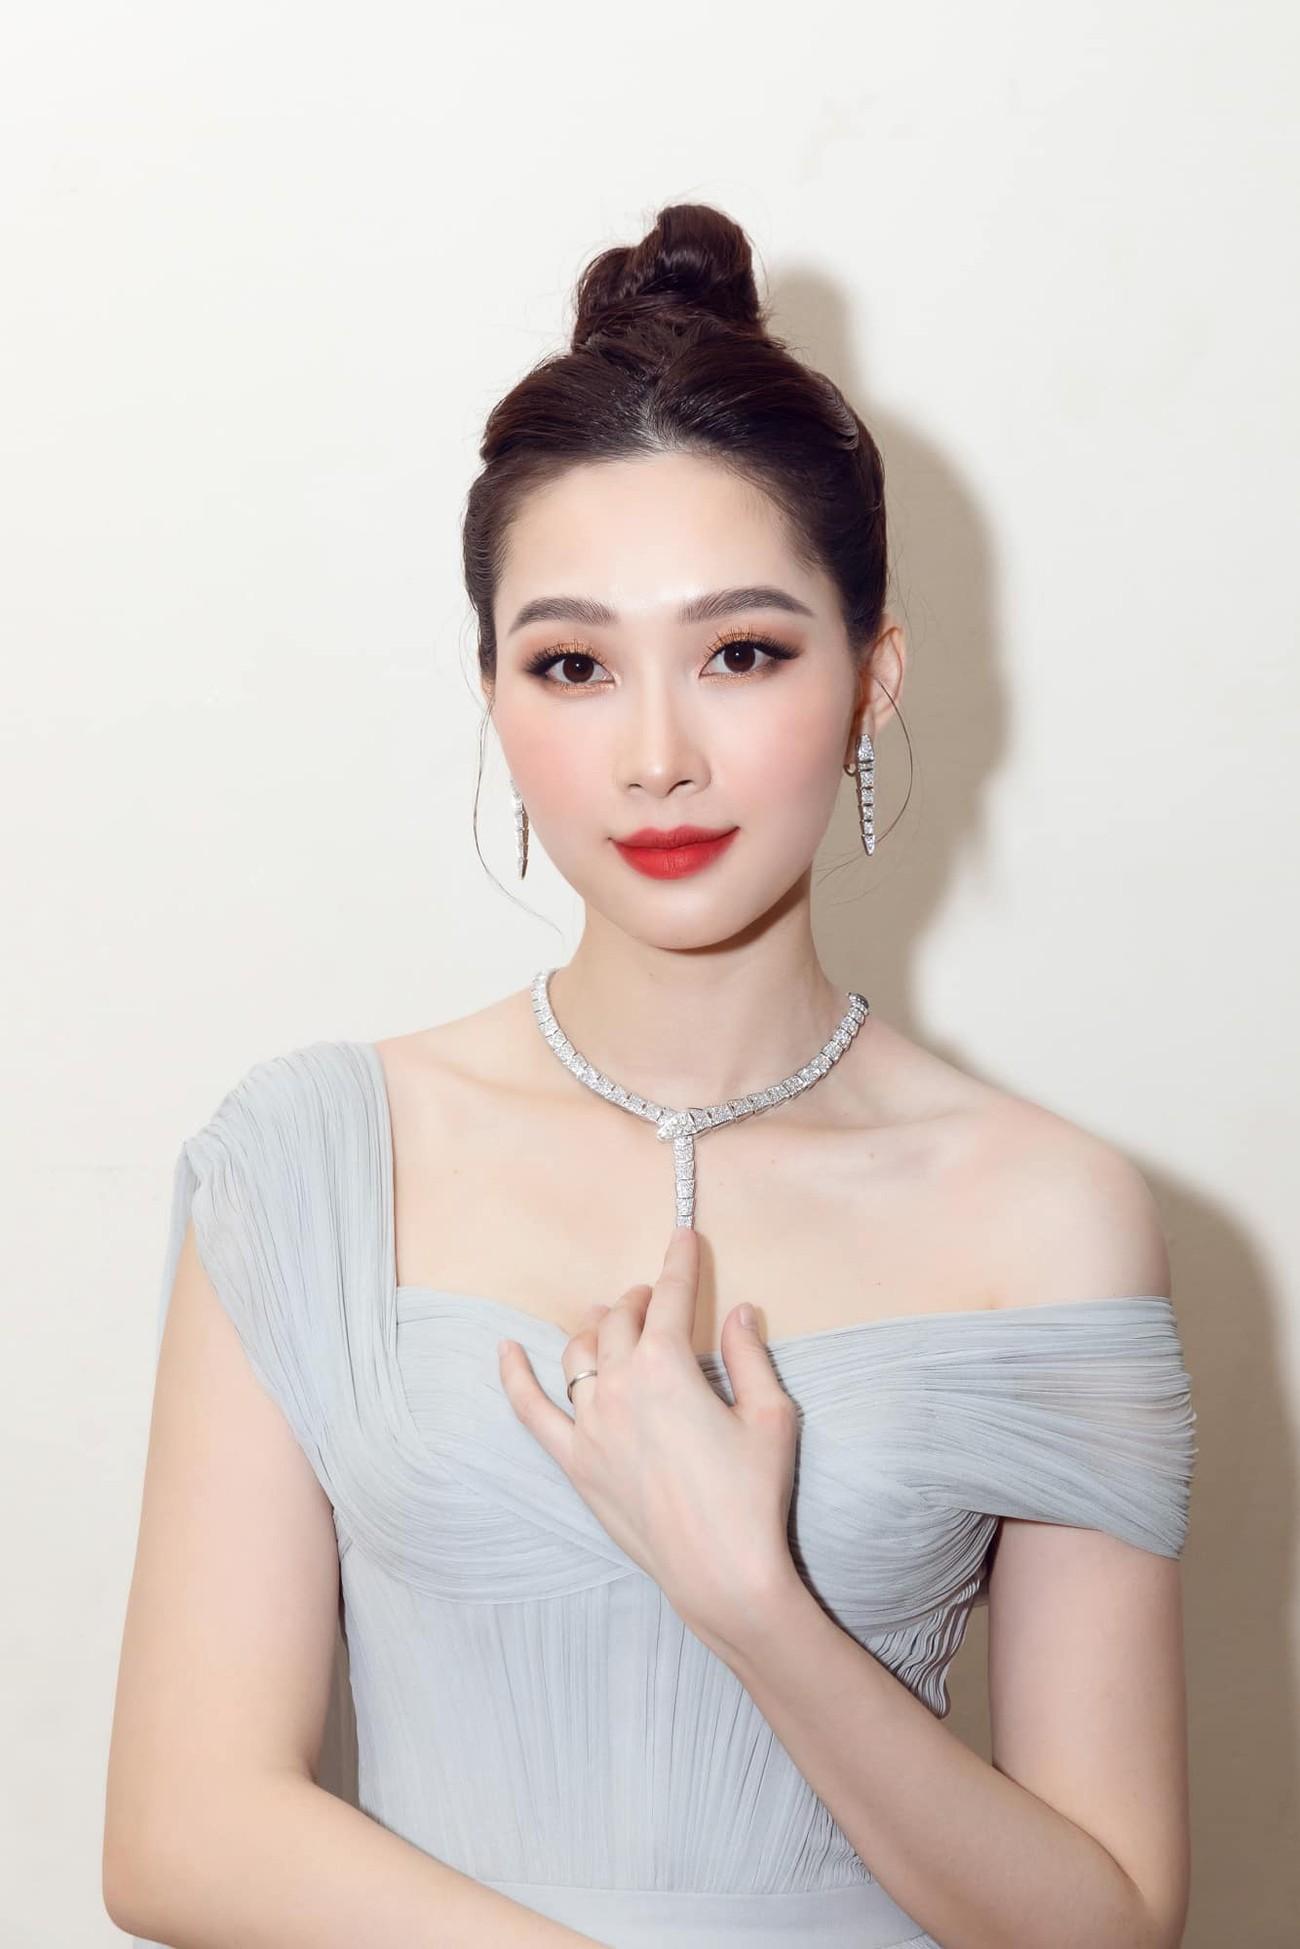 Sắc vóc Hoa hậu Đặng Thu Thảo sau 8 năm đăng quang, làm mẹ 2 con vẫn gây ngưỡng mộ ảnh 3